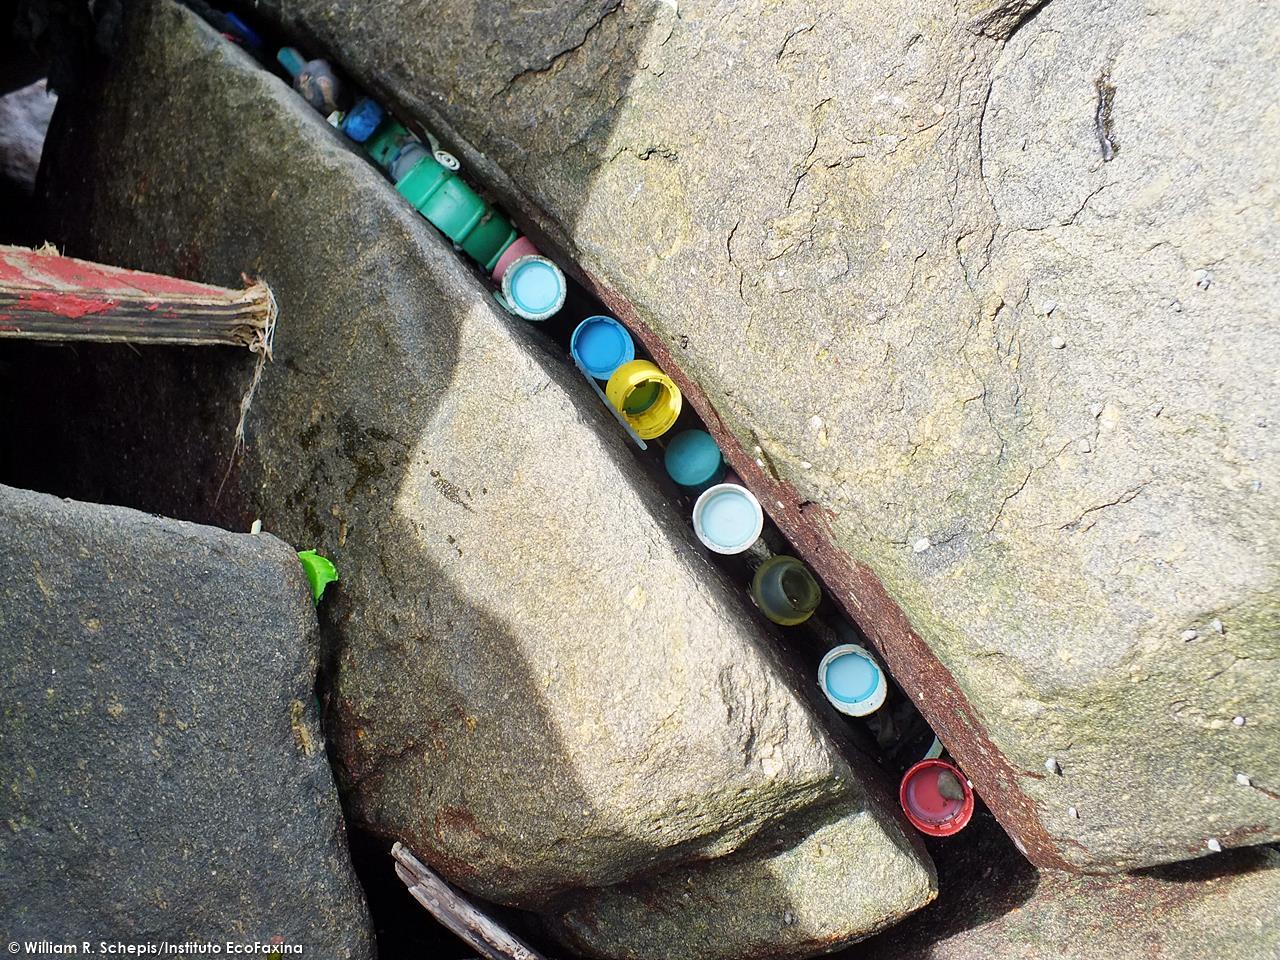 Enormes quantidades de plástico se acumulam em costões rochosos da região.